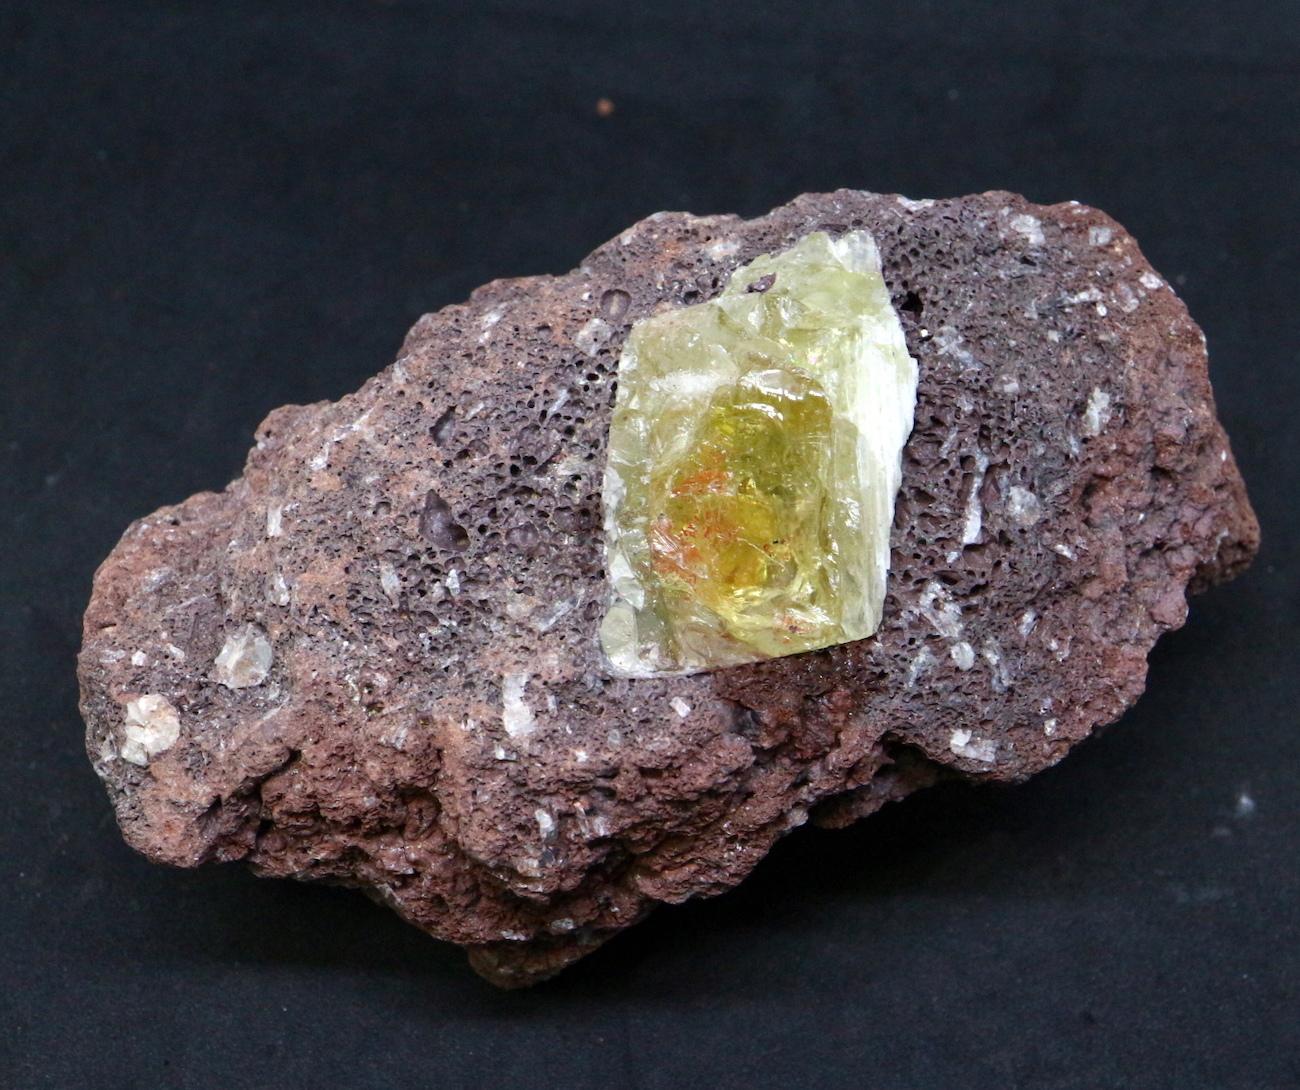 オレゴン サンストーン 母岩付き! 221g SUN025  鉱物 天然石 原石